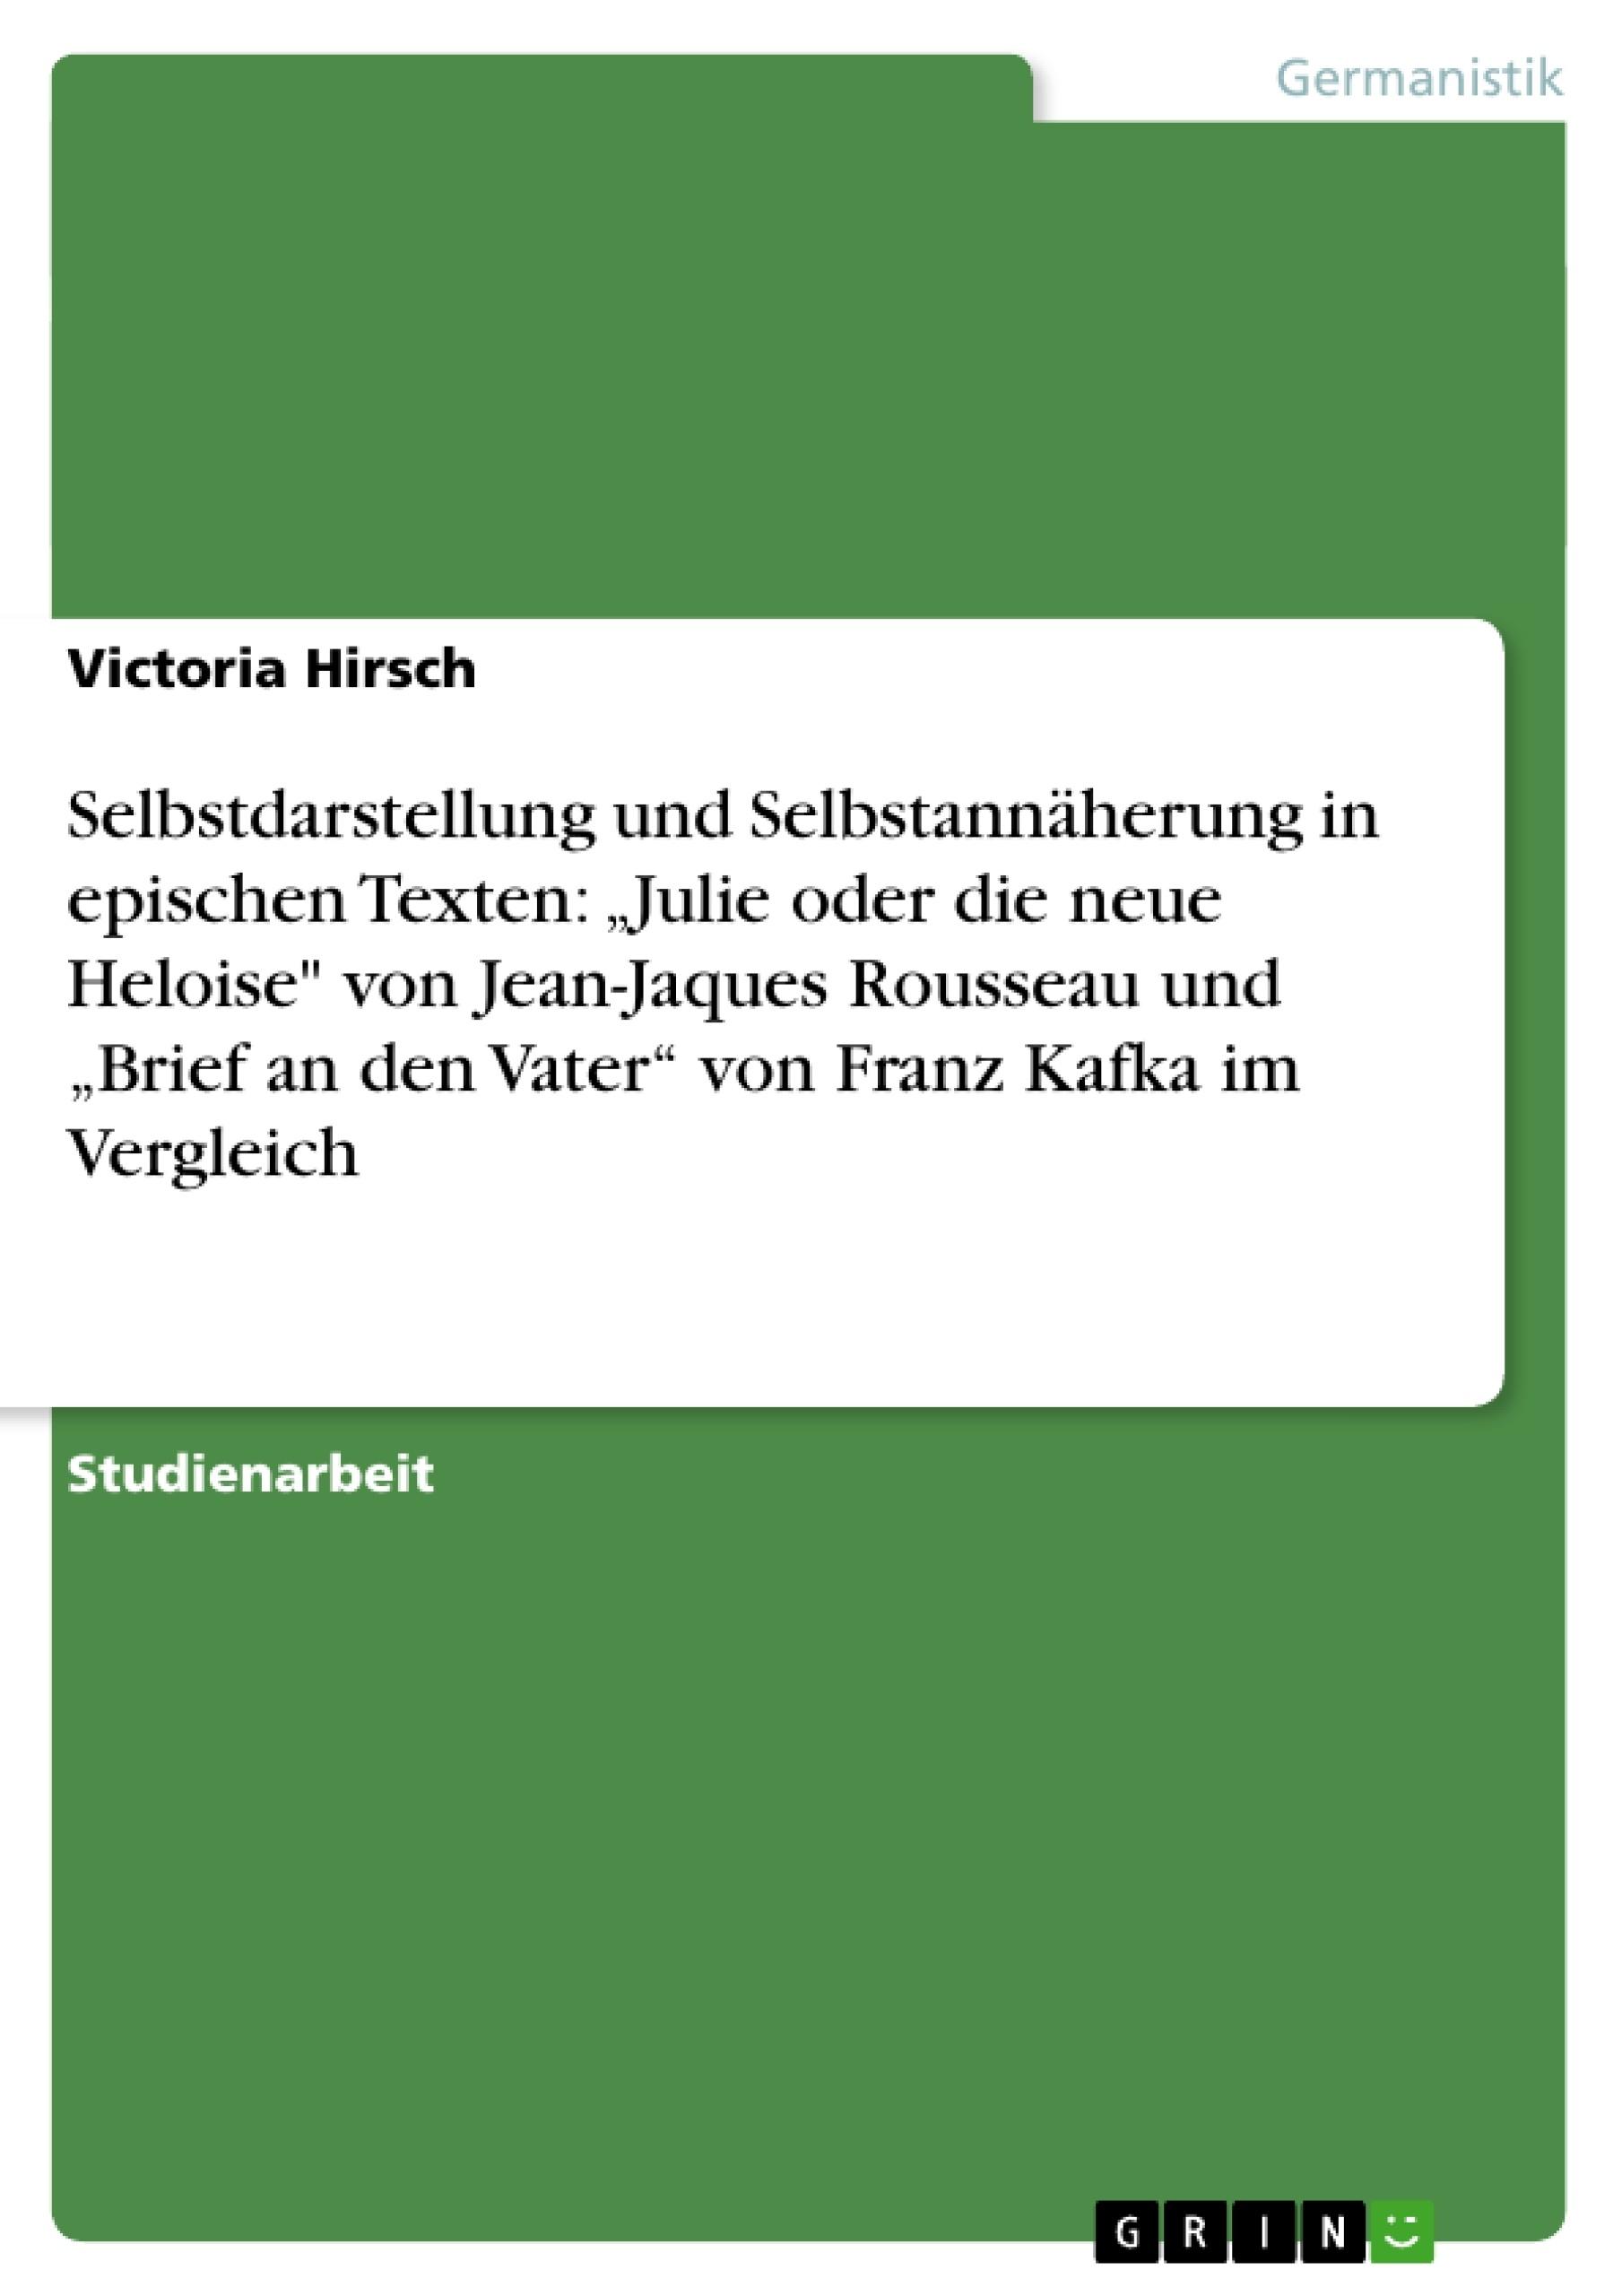 """Titel: Selbstdarstellung und Selbstannäherung in epischen Texten: """"Julie oder die neue Heloise"""" von Jean-Jaques Rousseau und """"Brief an den Vater"""" von Franz Kafka im Vergleich"""